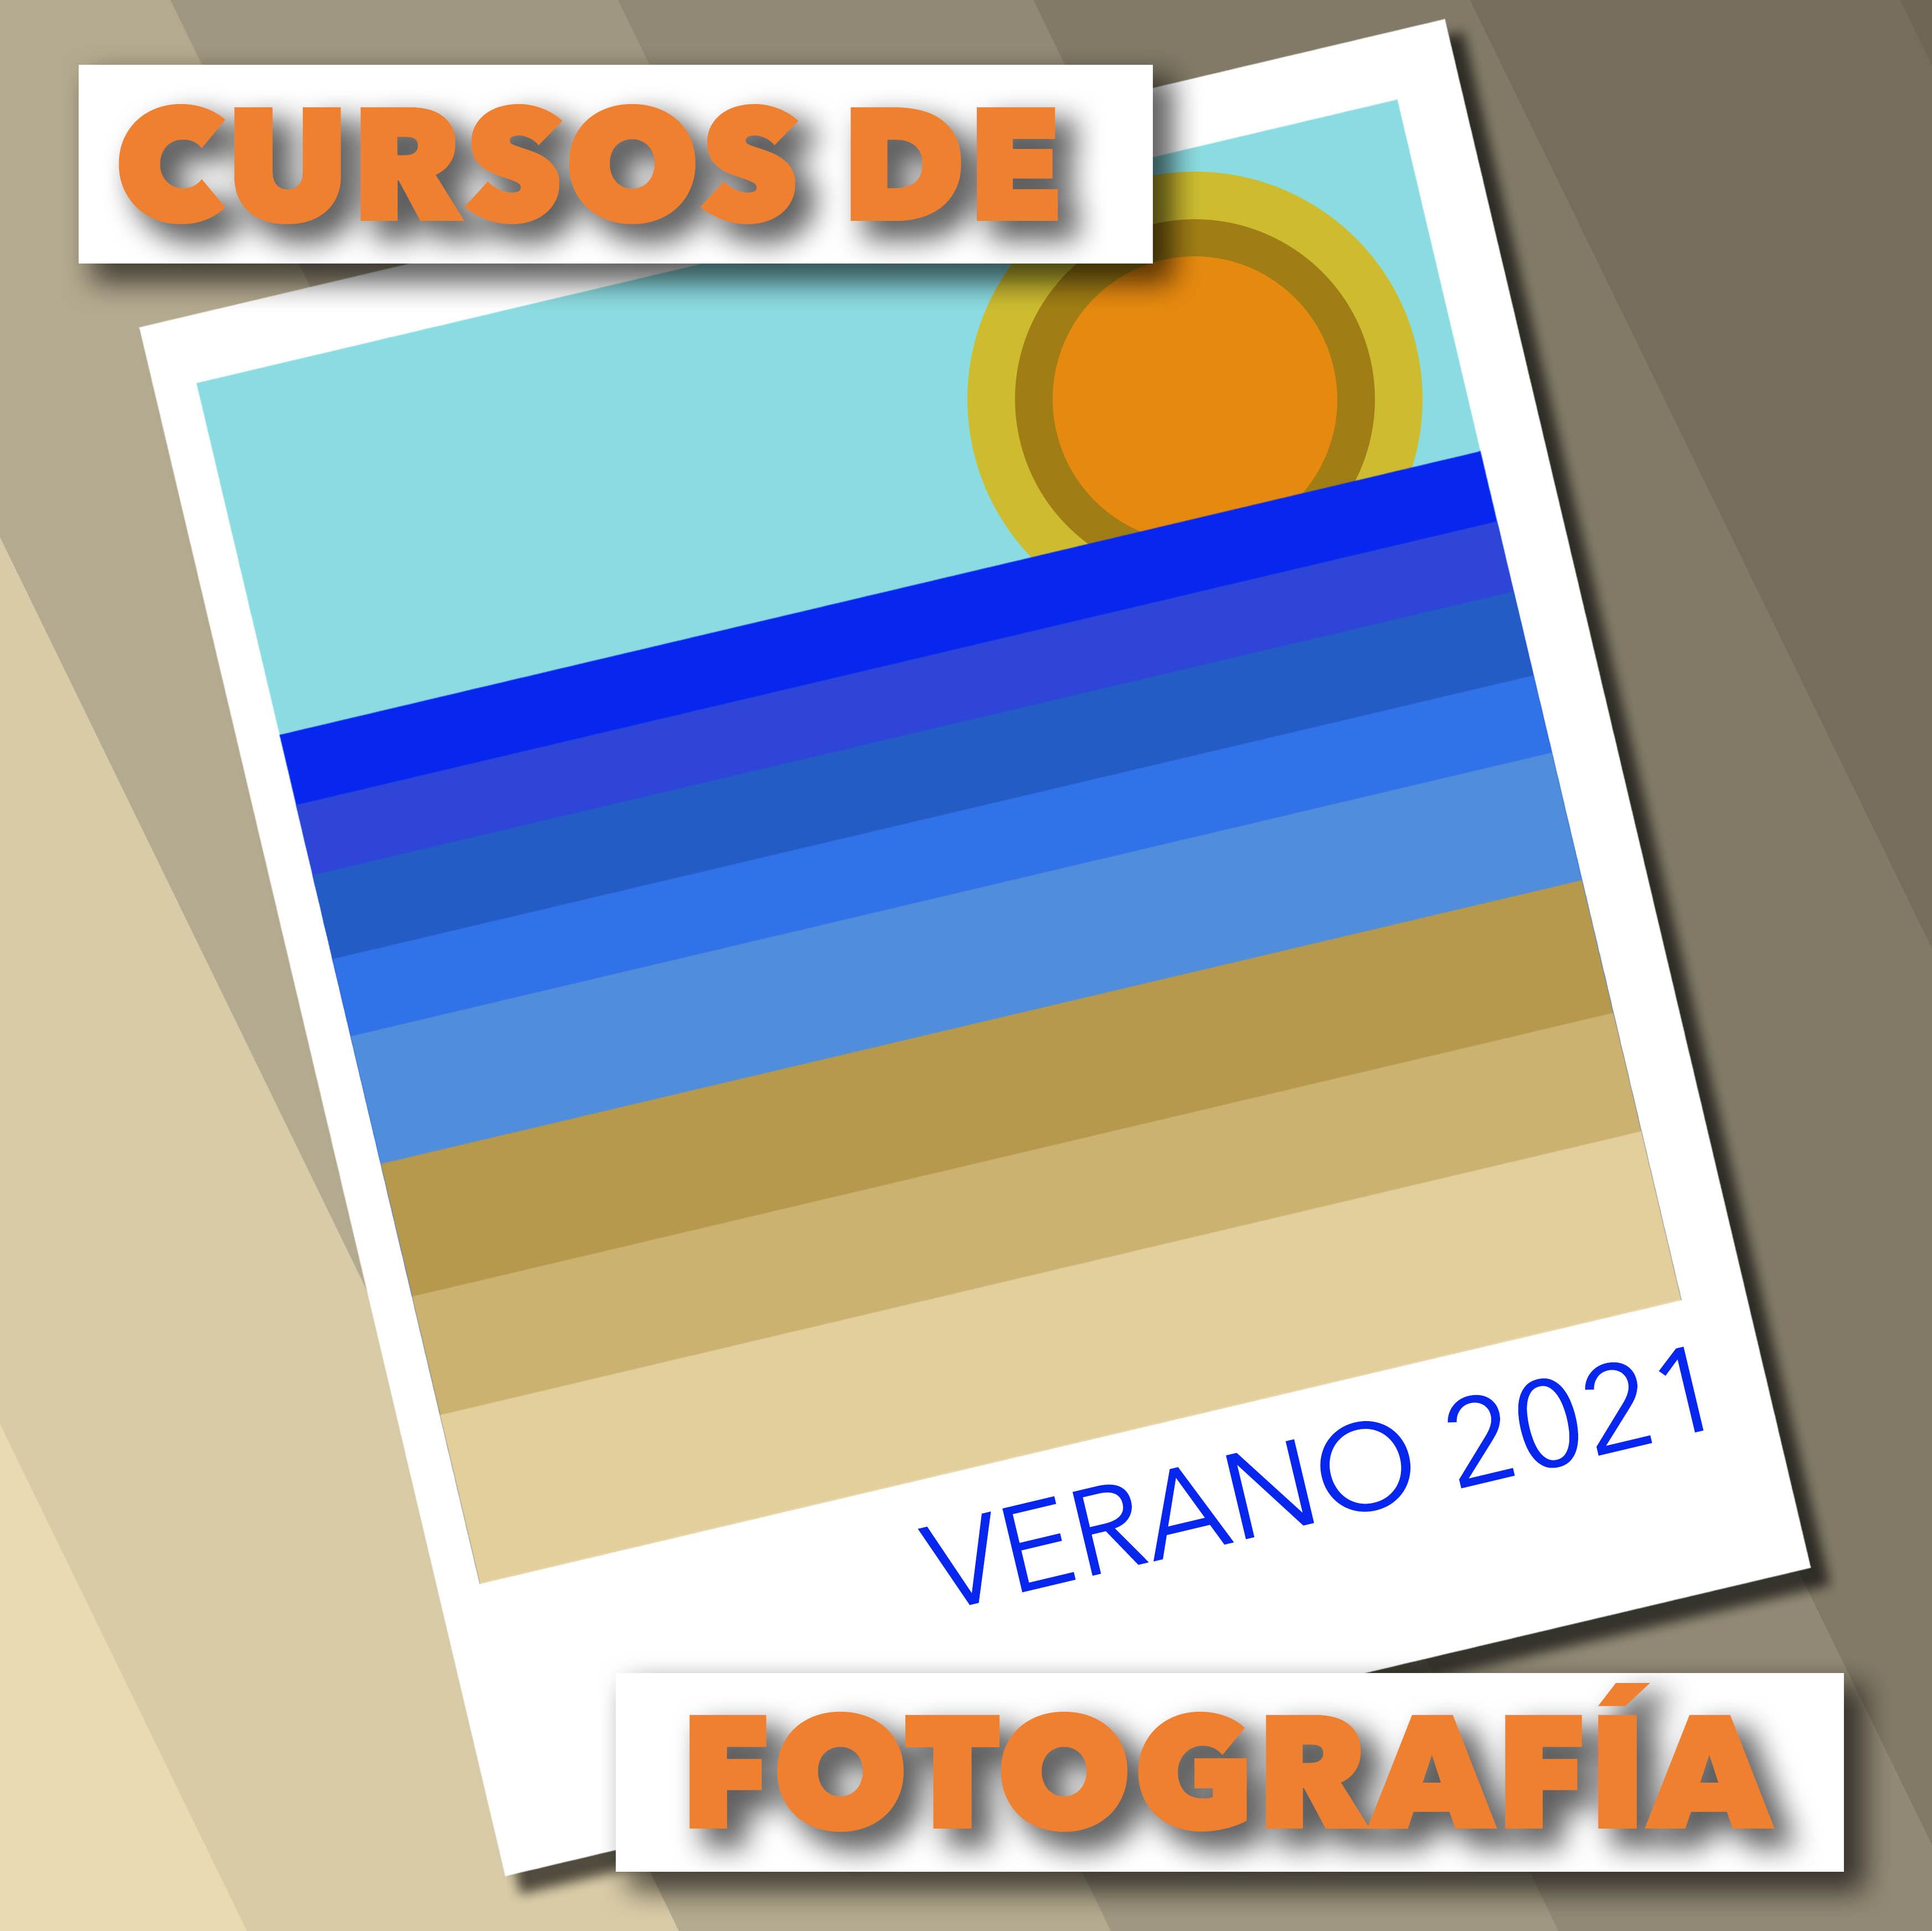 GENERICO-CUADRADO copia_1.jpg